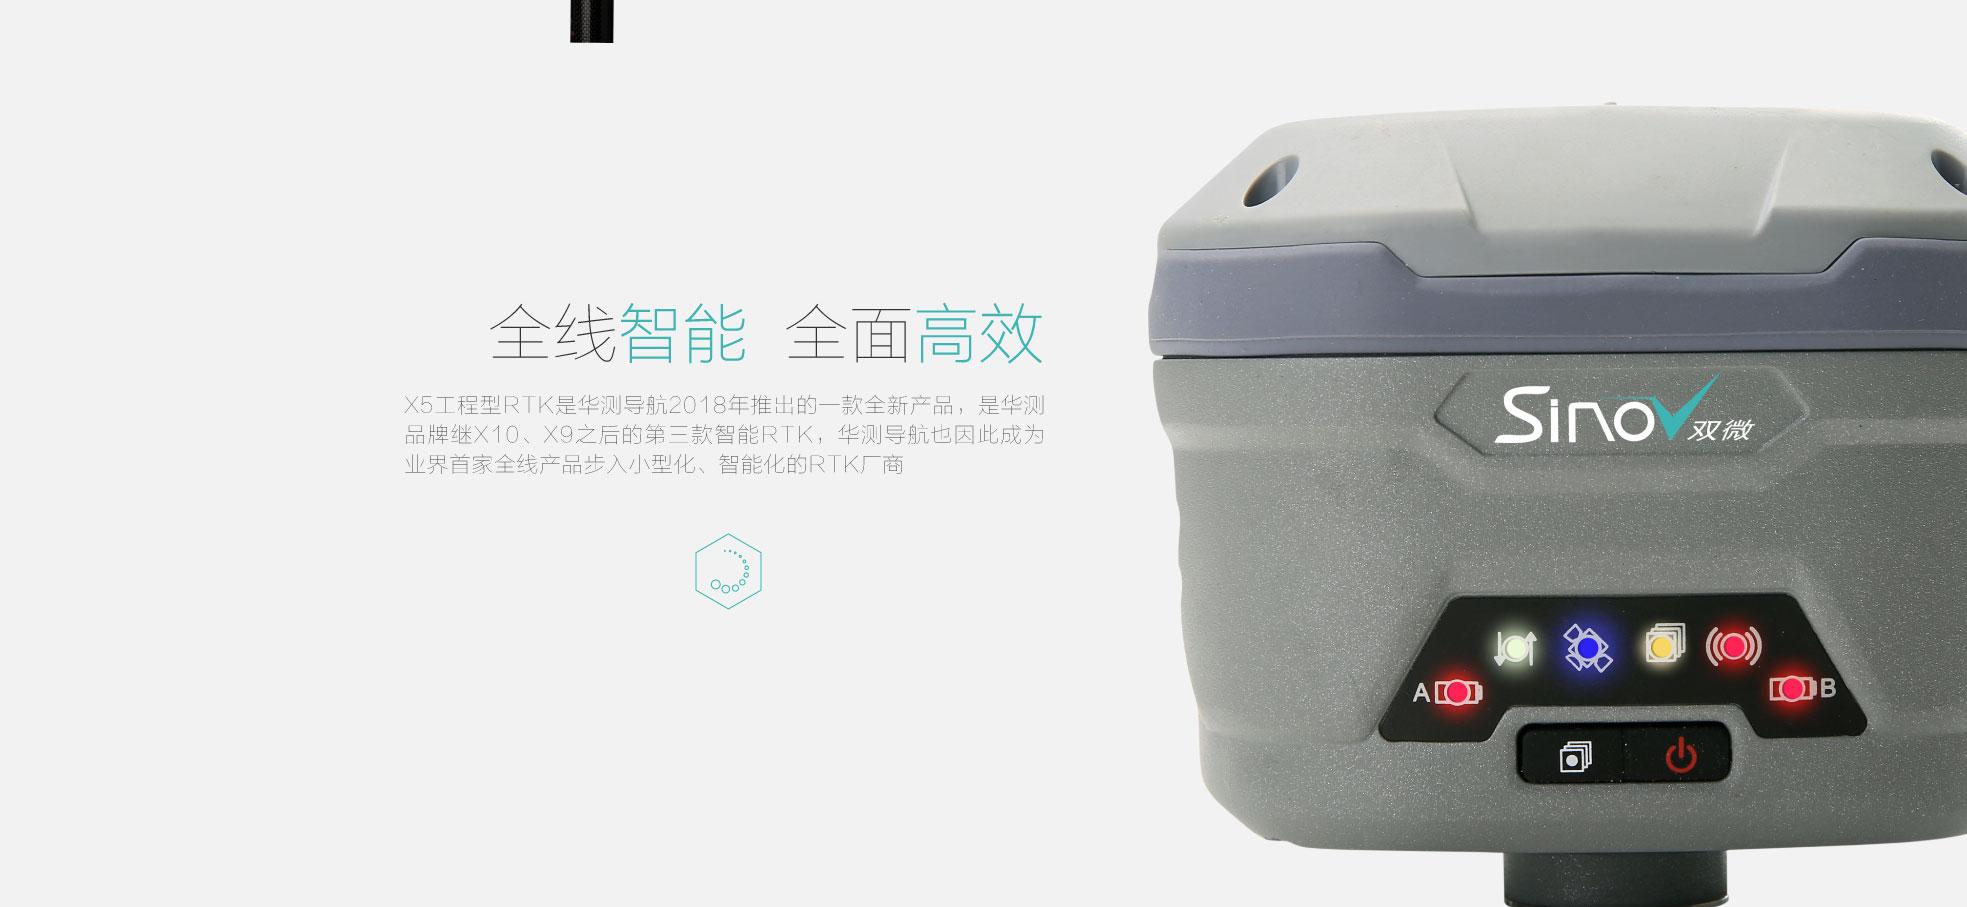 贵州华测RTK公司